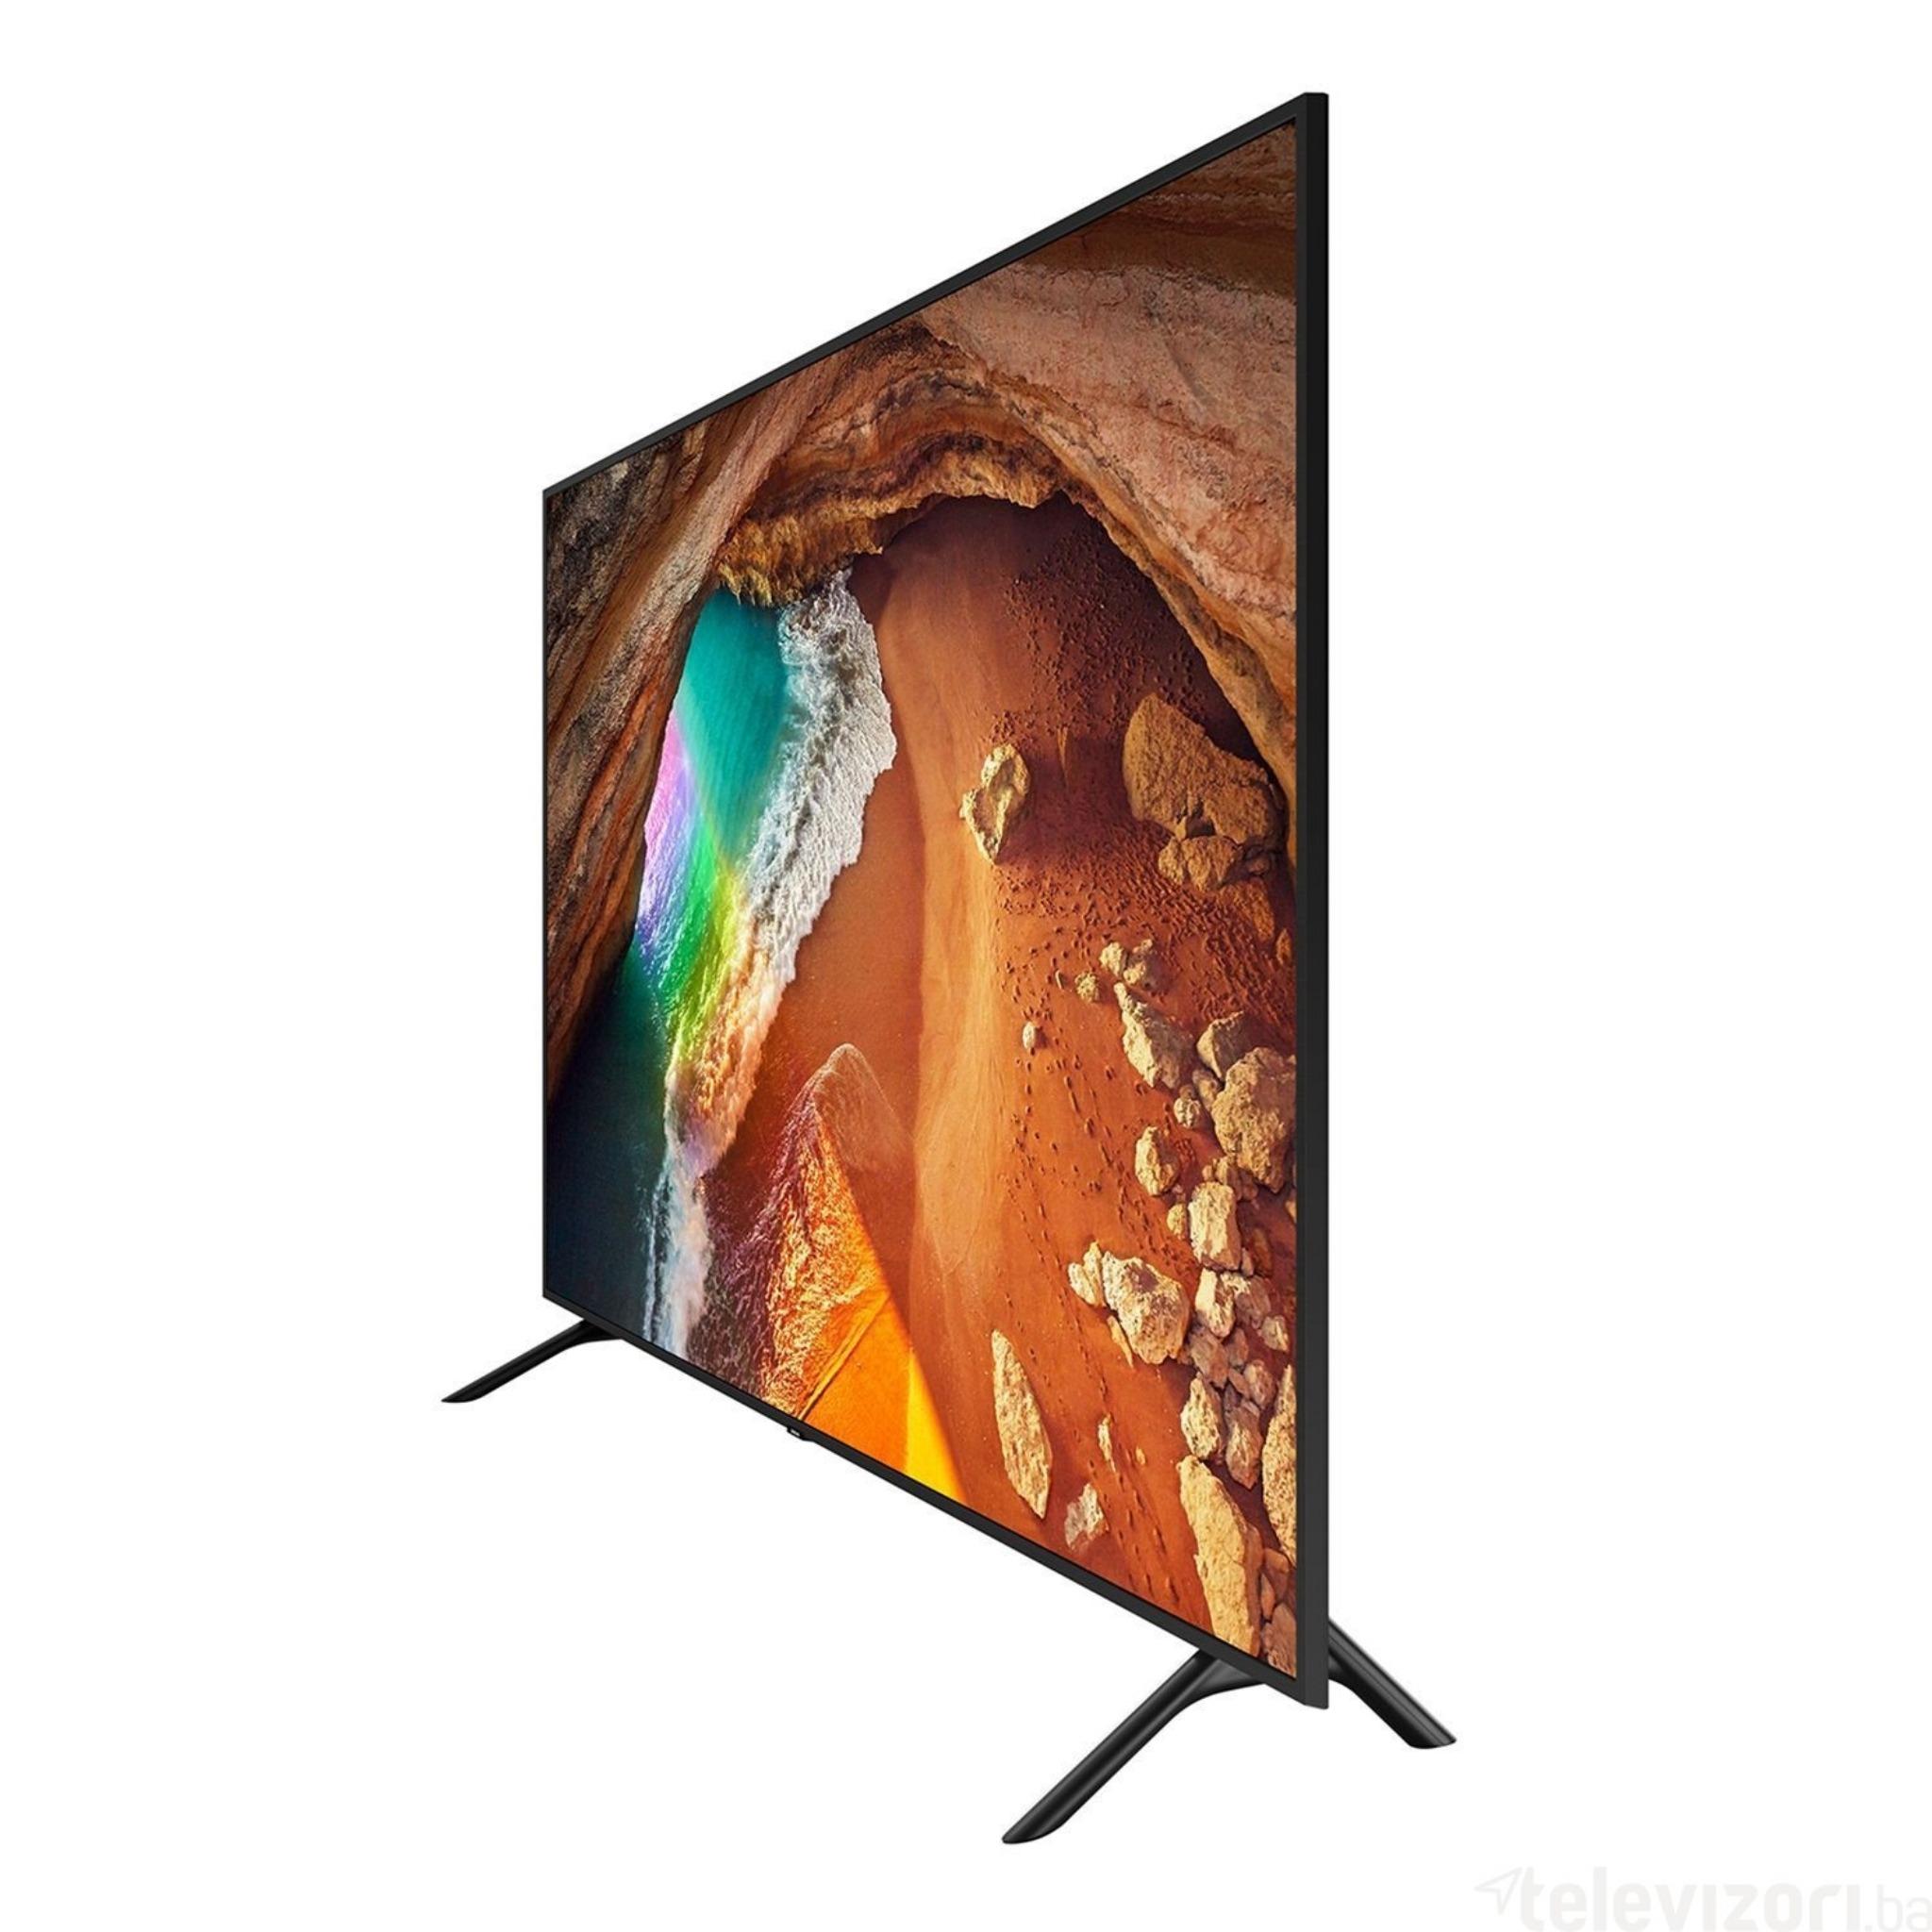 QLED televizori